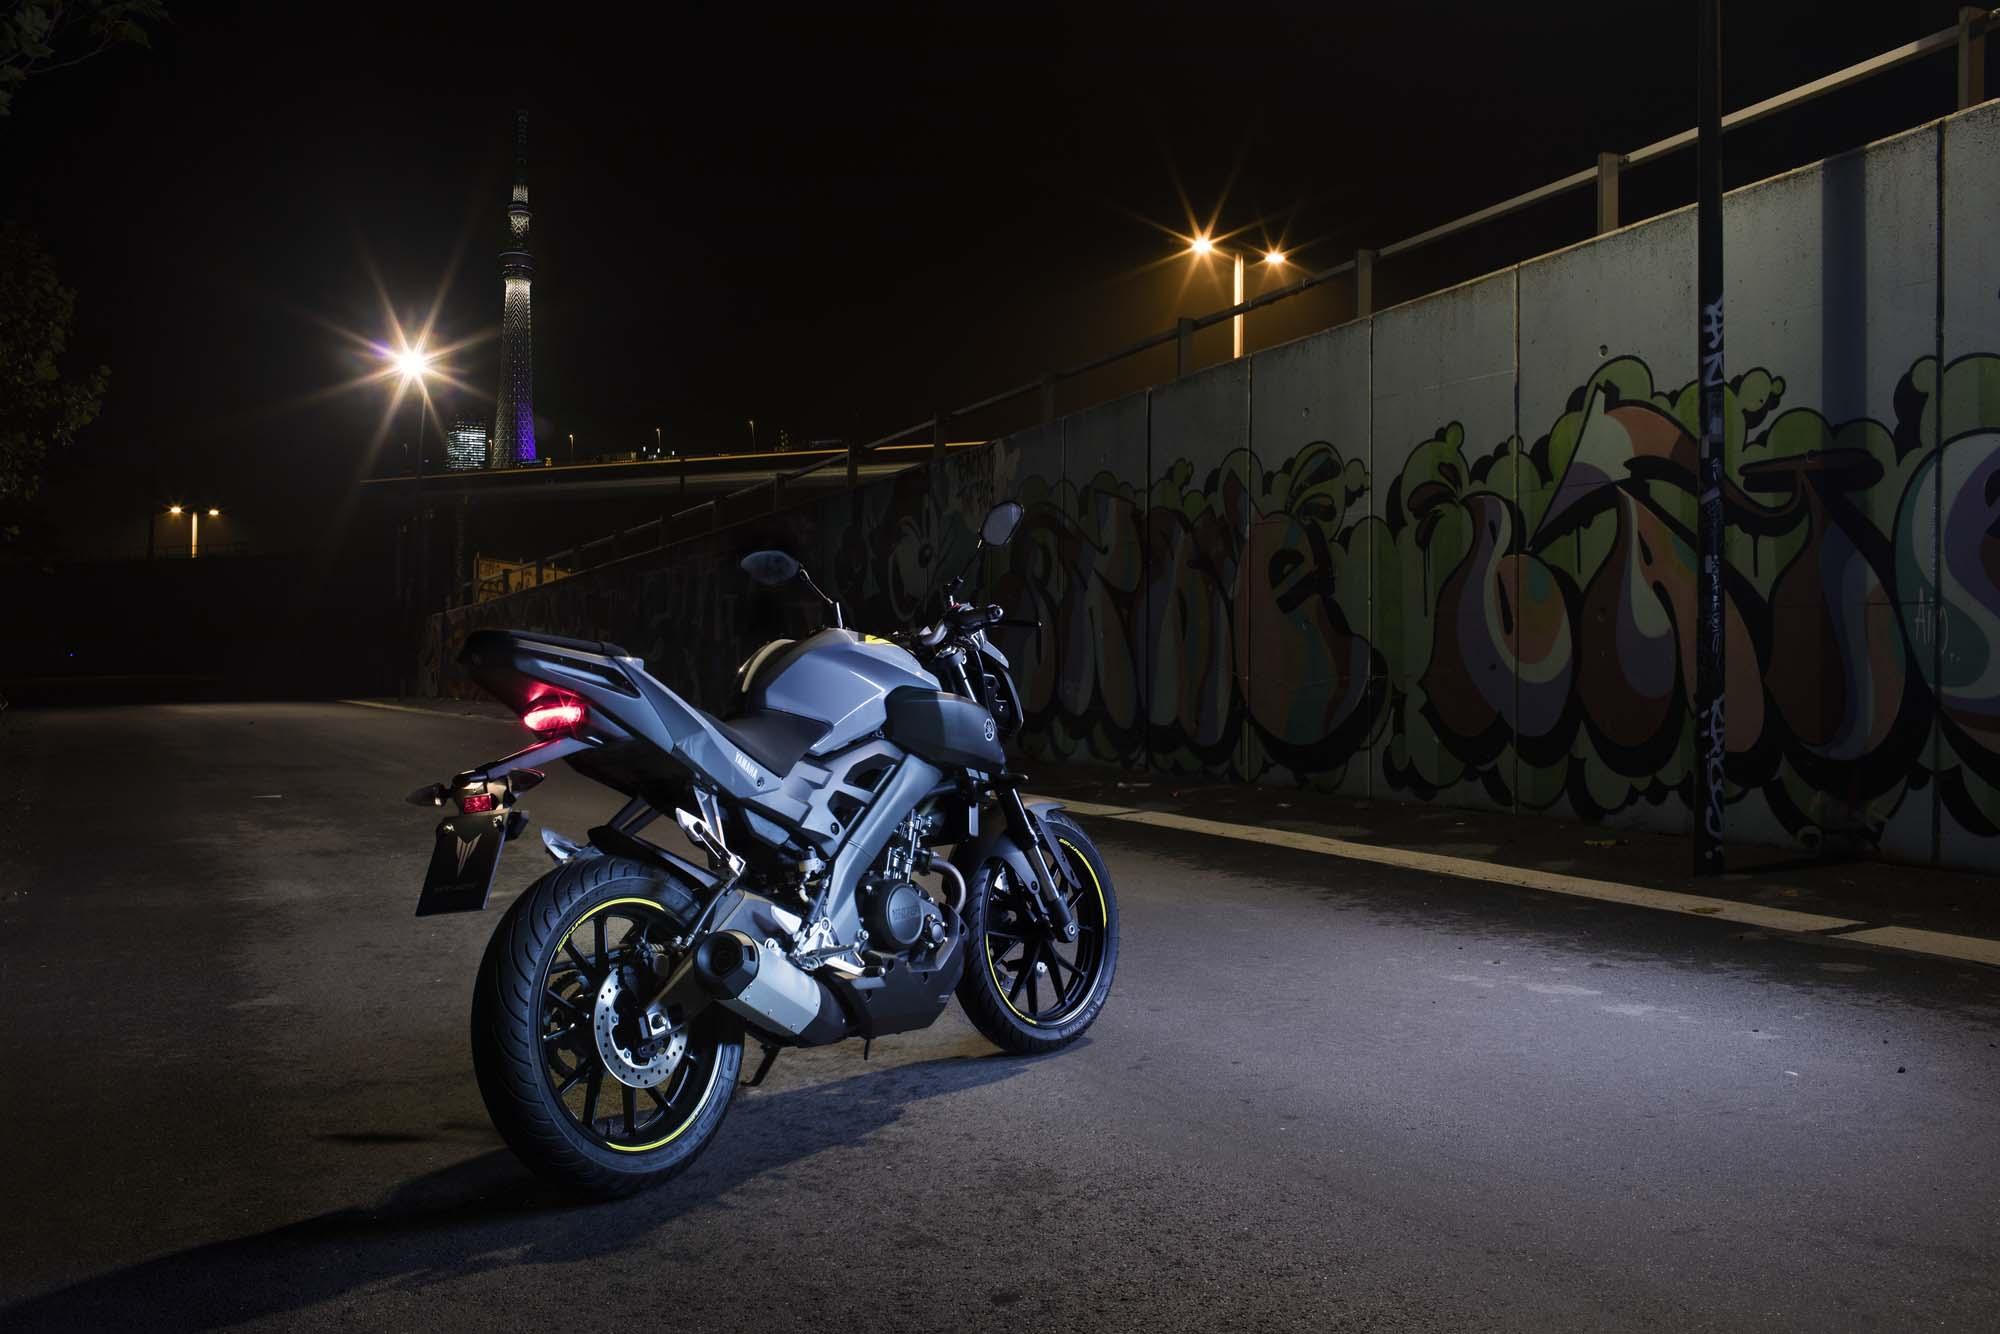 Yamaha Fz Cc Bike